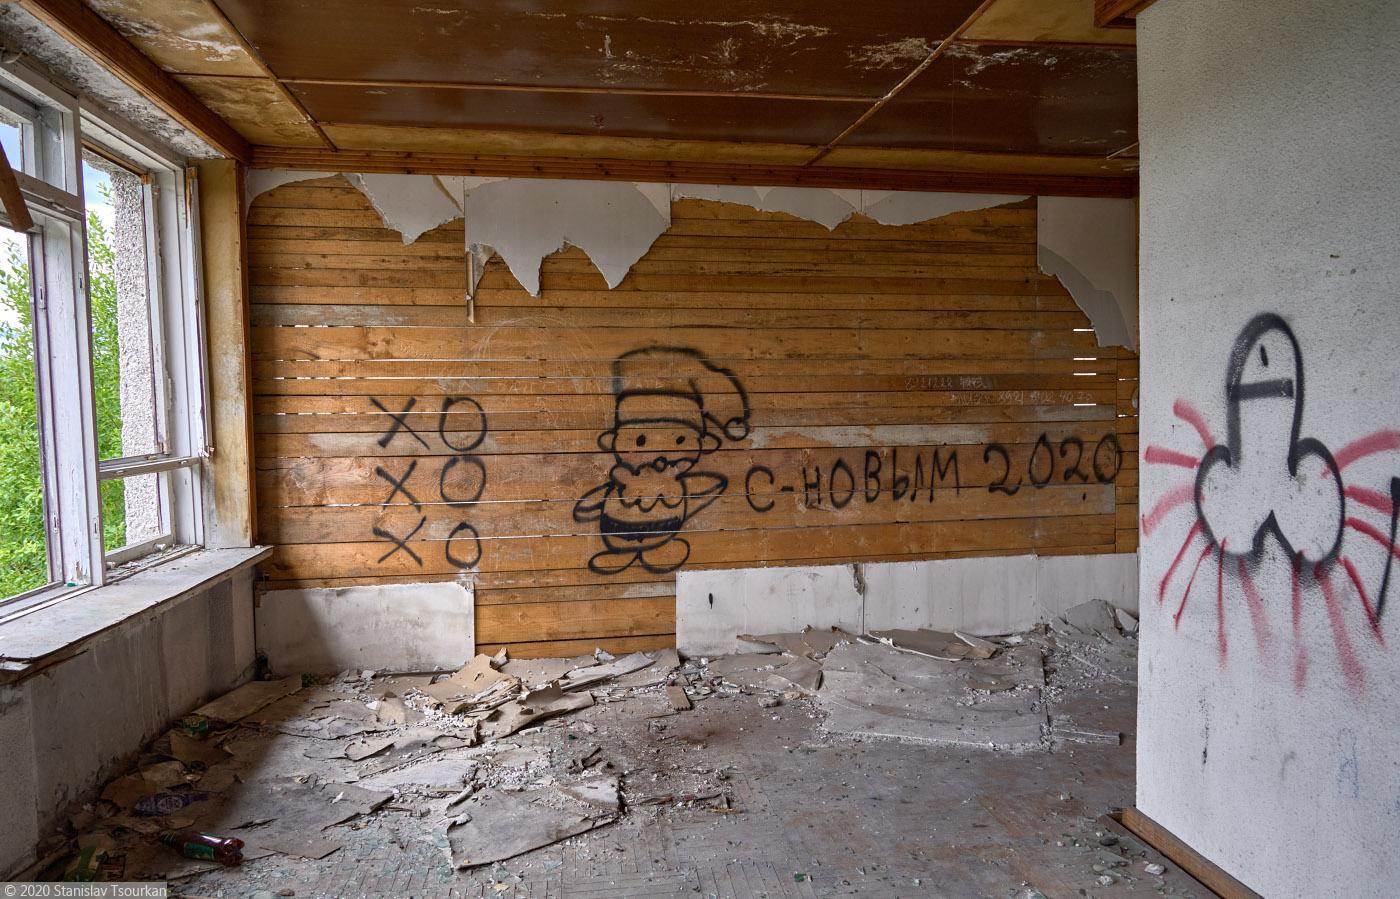 Лахденпохья, Карелия, республика Карелия, дом культуры, член